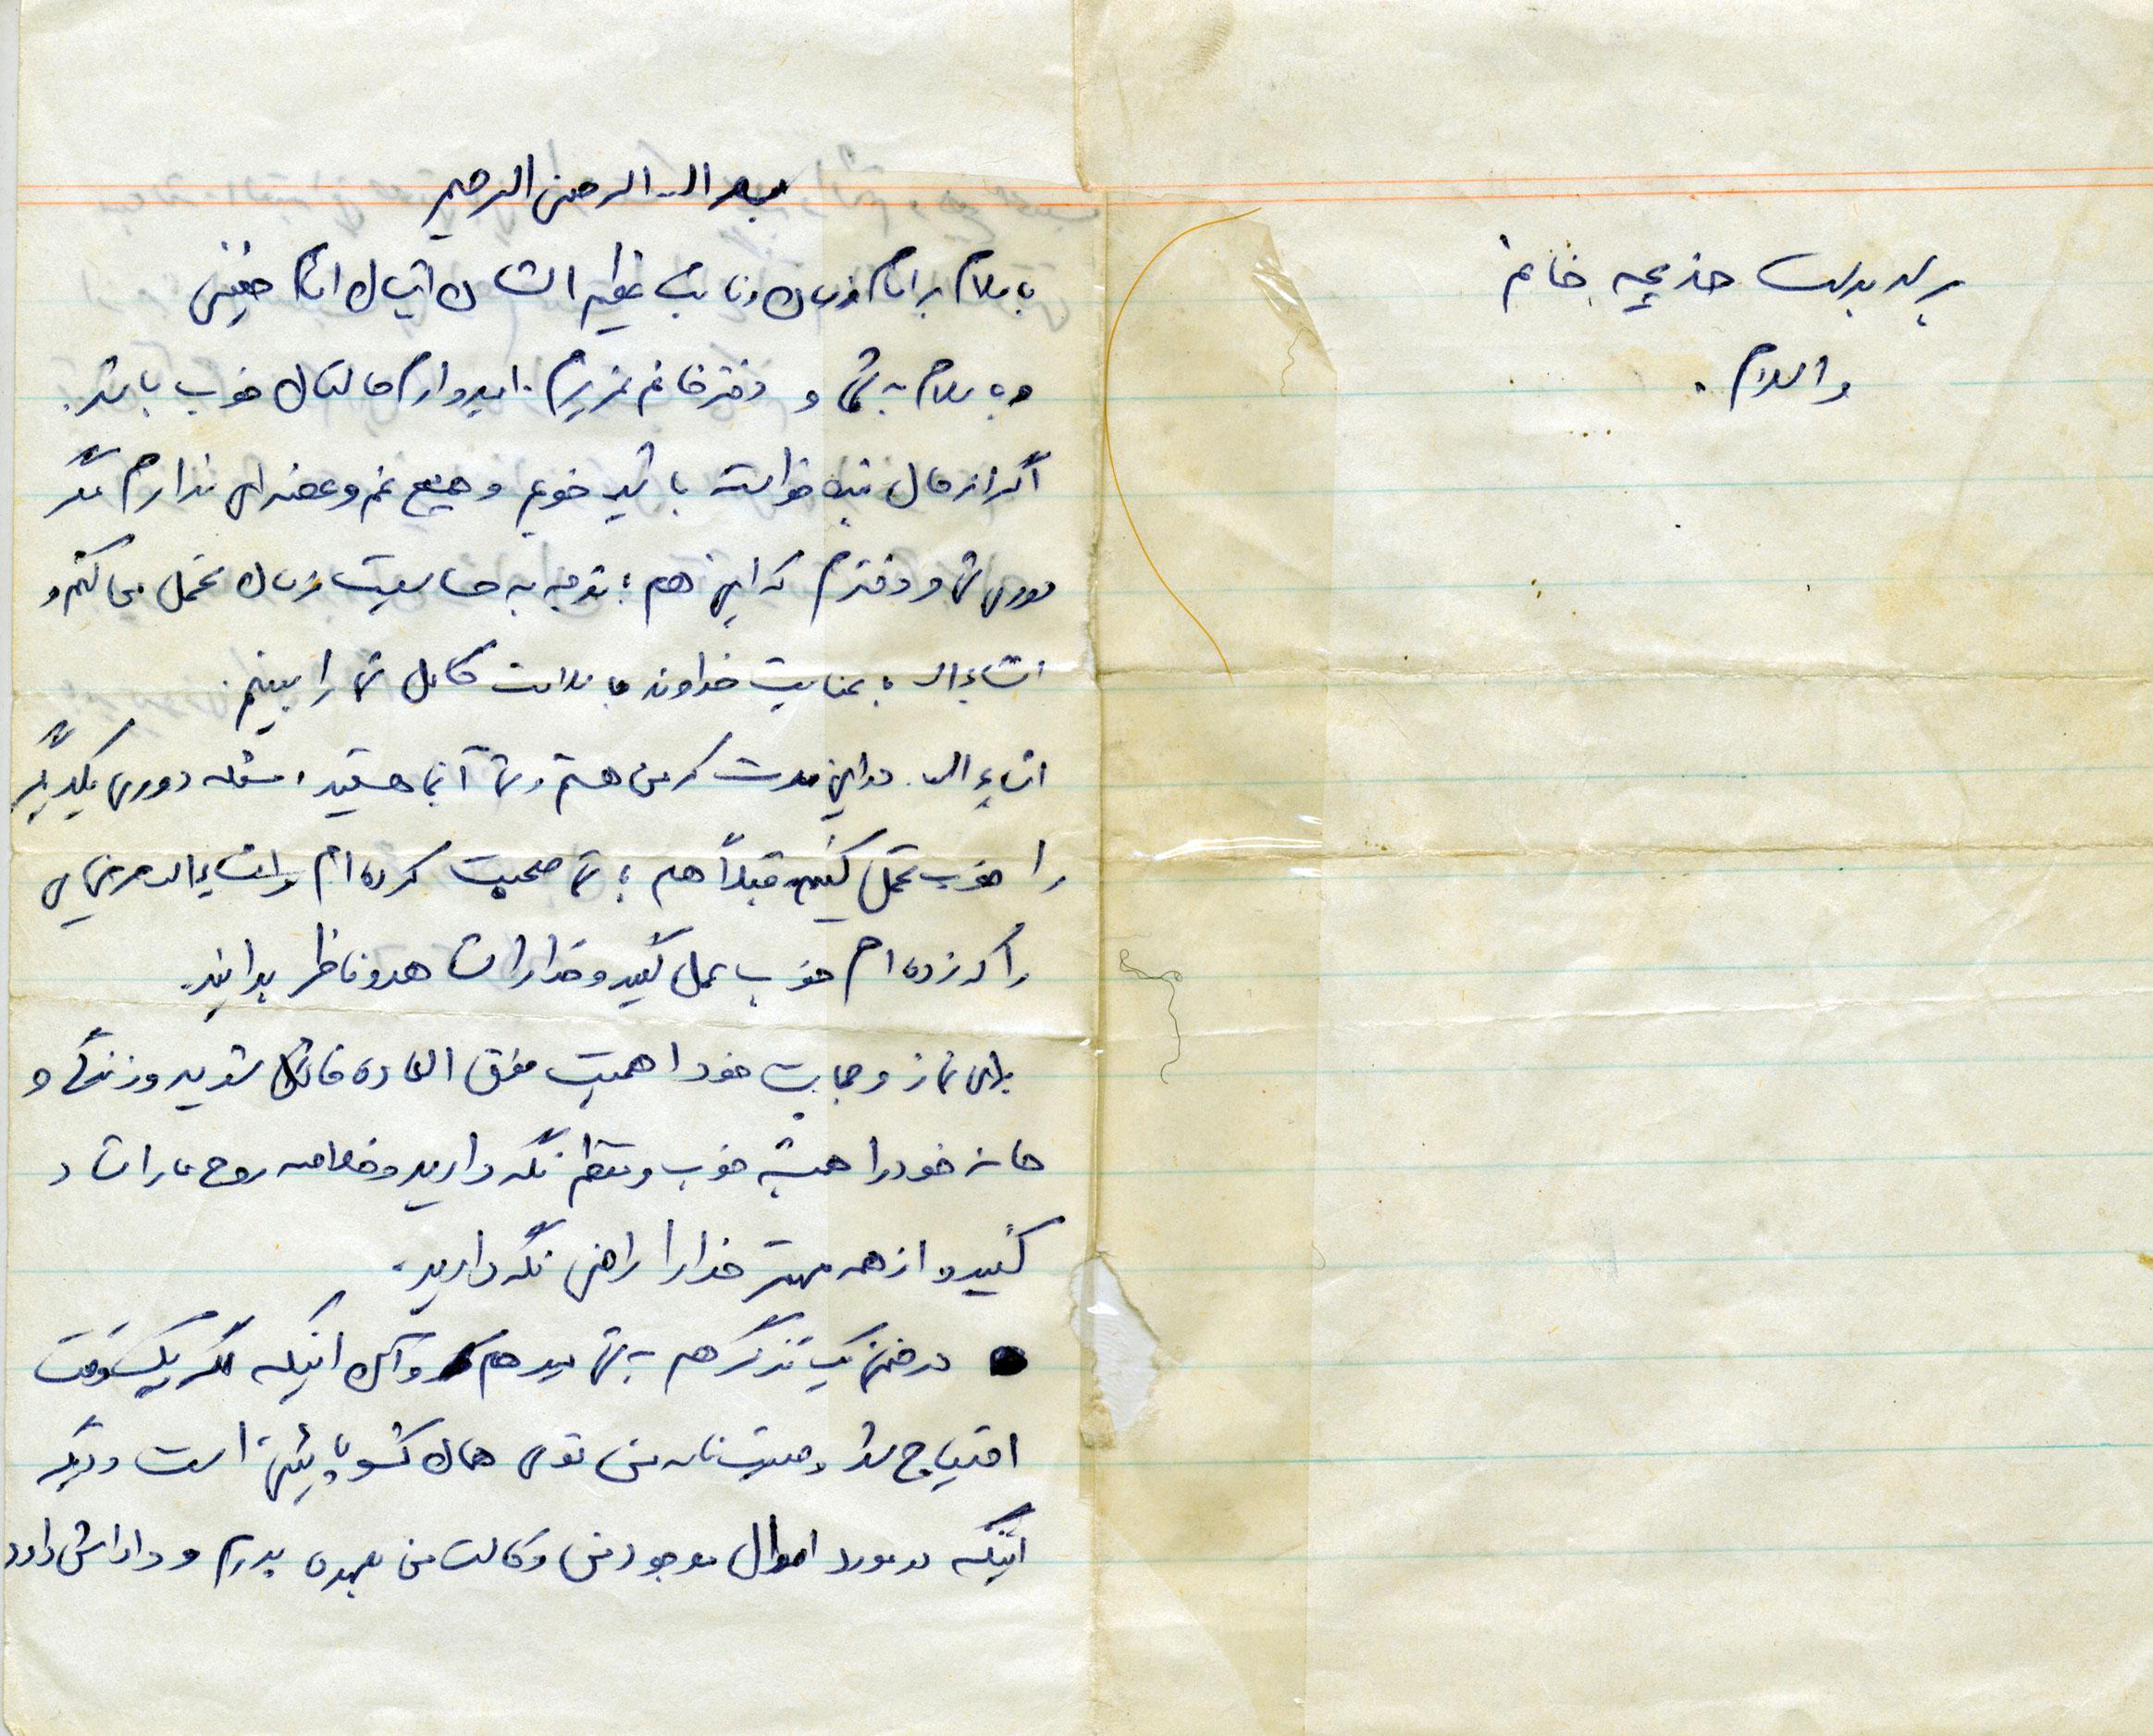 نامه شهید محمدرضا هادیان/ به نماز و حجاب خود، اهمیت دهید